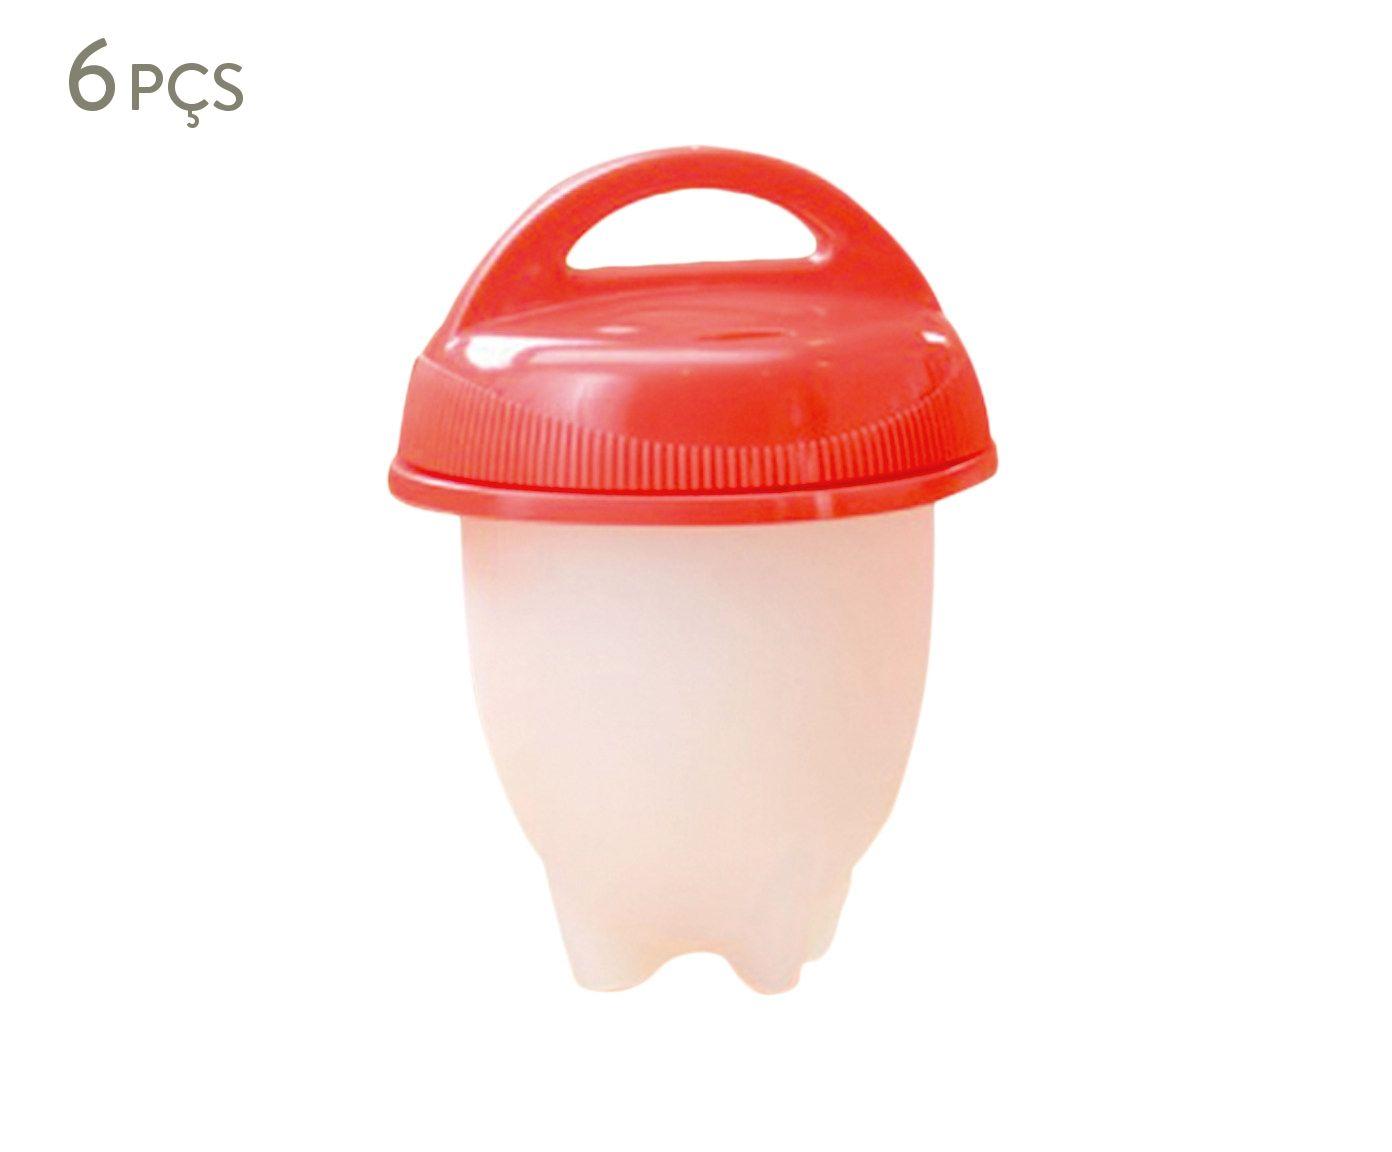 Jogo de Cozedores para Ovos Simple - 6,2X9cm | Westwing.com.br